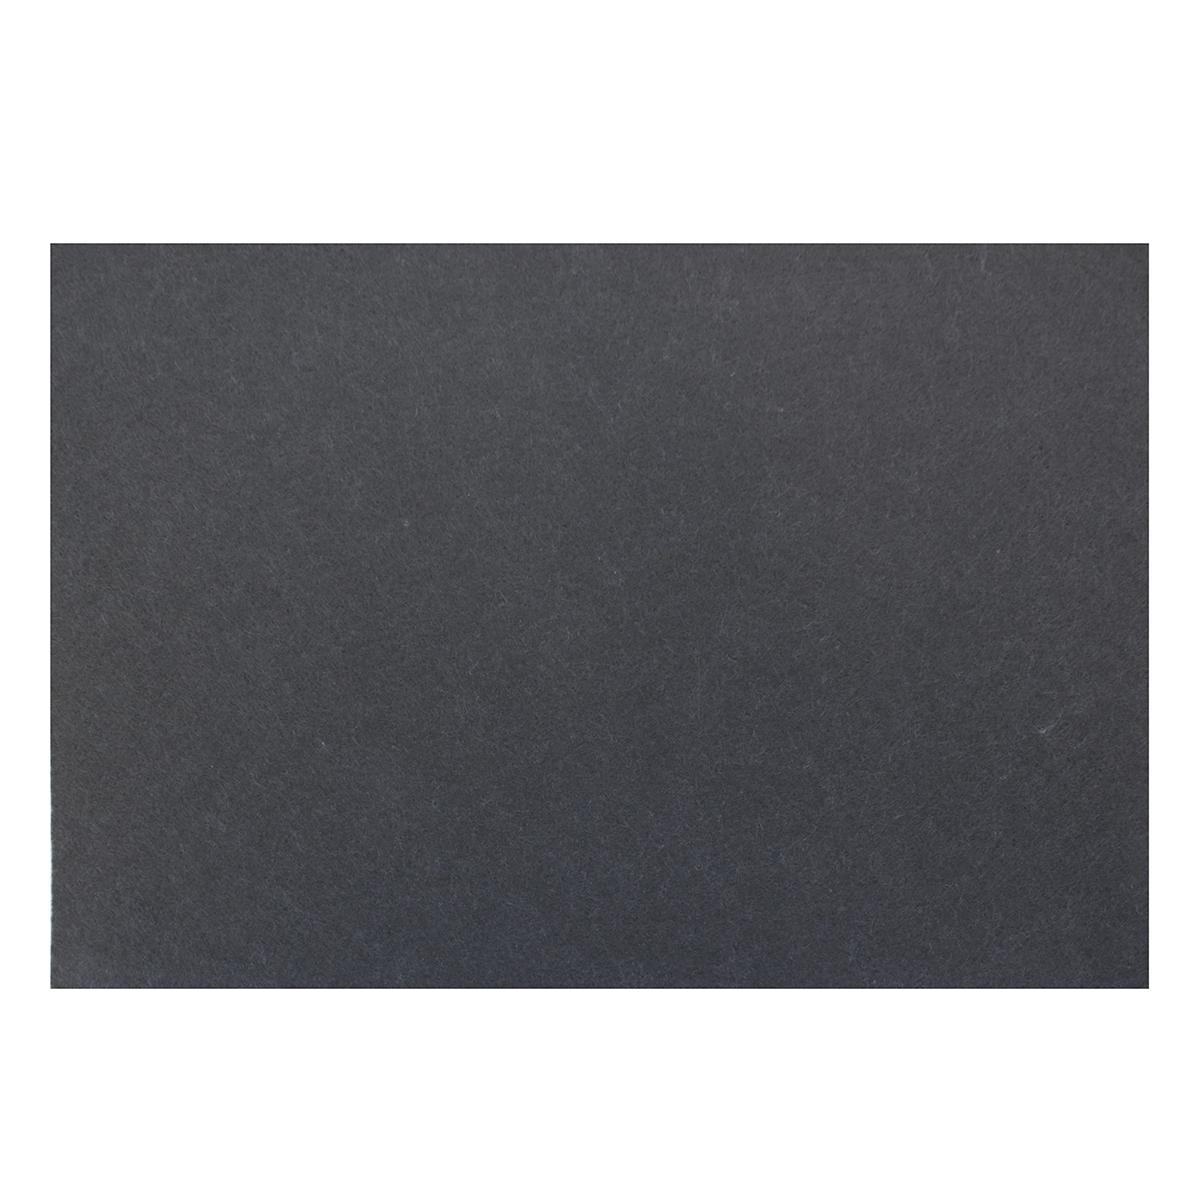 Фетр листовой Астра, цвет: серый, 20 х 30 см, 10 шт7708618_YF 699 т.серыйФетр декоративный Астра очень приятен в работе: не сыпется, хорошо клеится, режется и сгибается в любых направлениях. Фетр отлично сочетается с предметами в технике фильцевания.Из фетра получаются чудеснейшие украшения (броши, подвески и так далее), обложки для книг, блокнотов и документов, картины, интересные детали дляинтерьера и прочее.Размер одного листа: 200 x 300 мм.